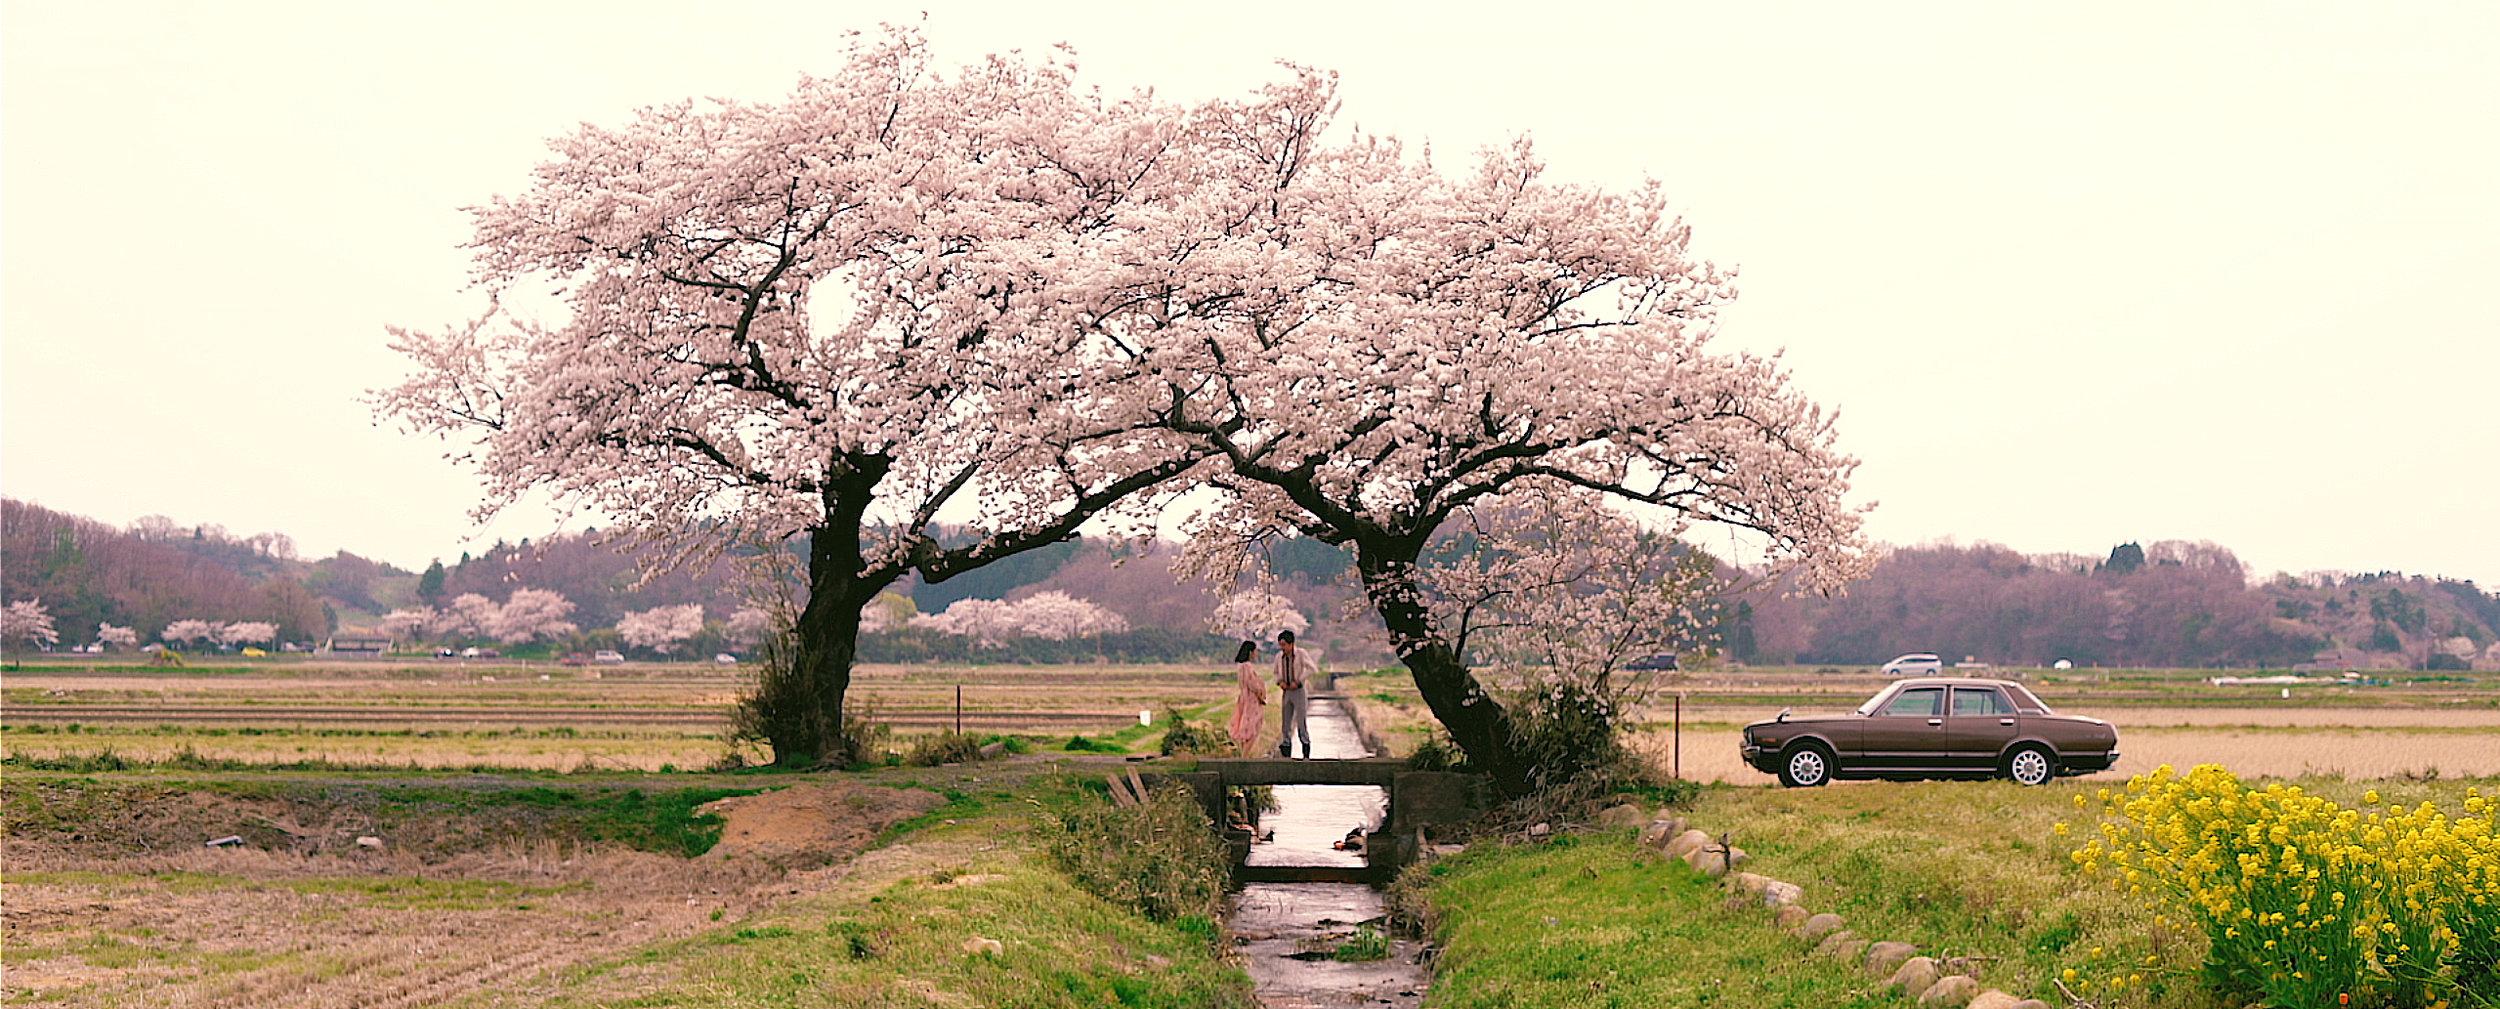 hamonika_spring_images3.jpg